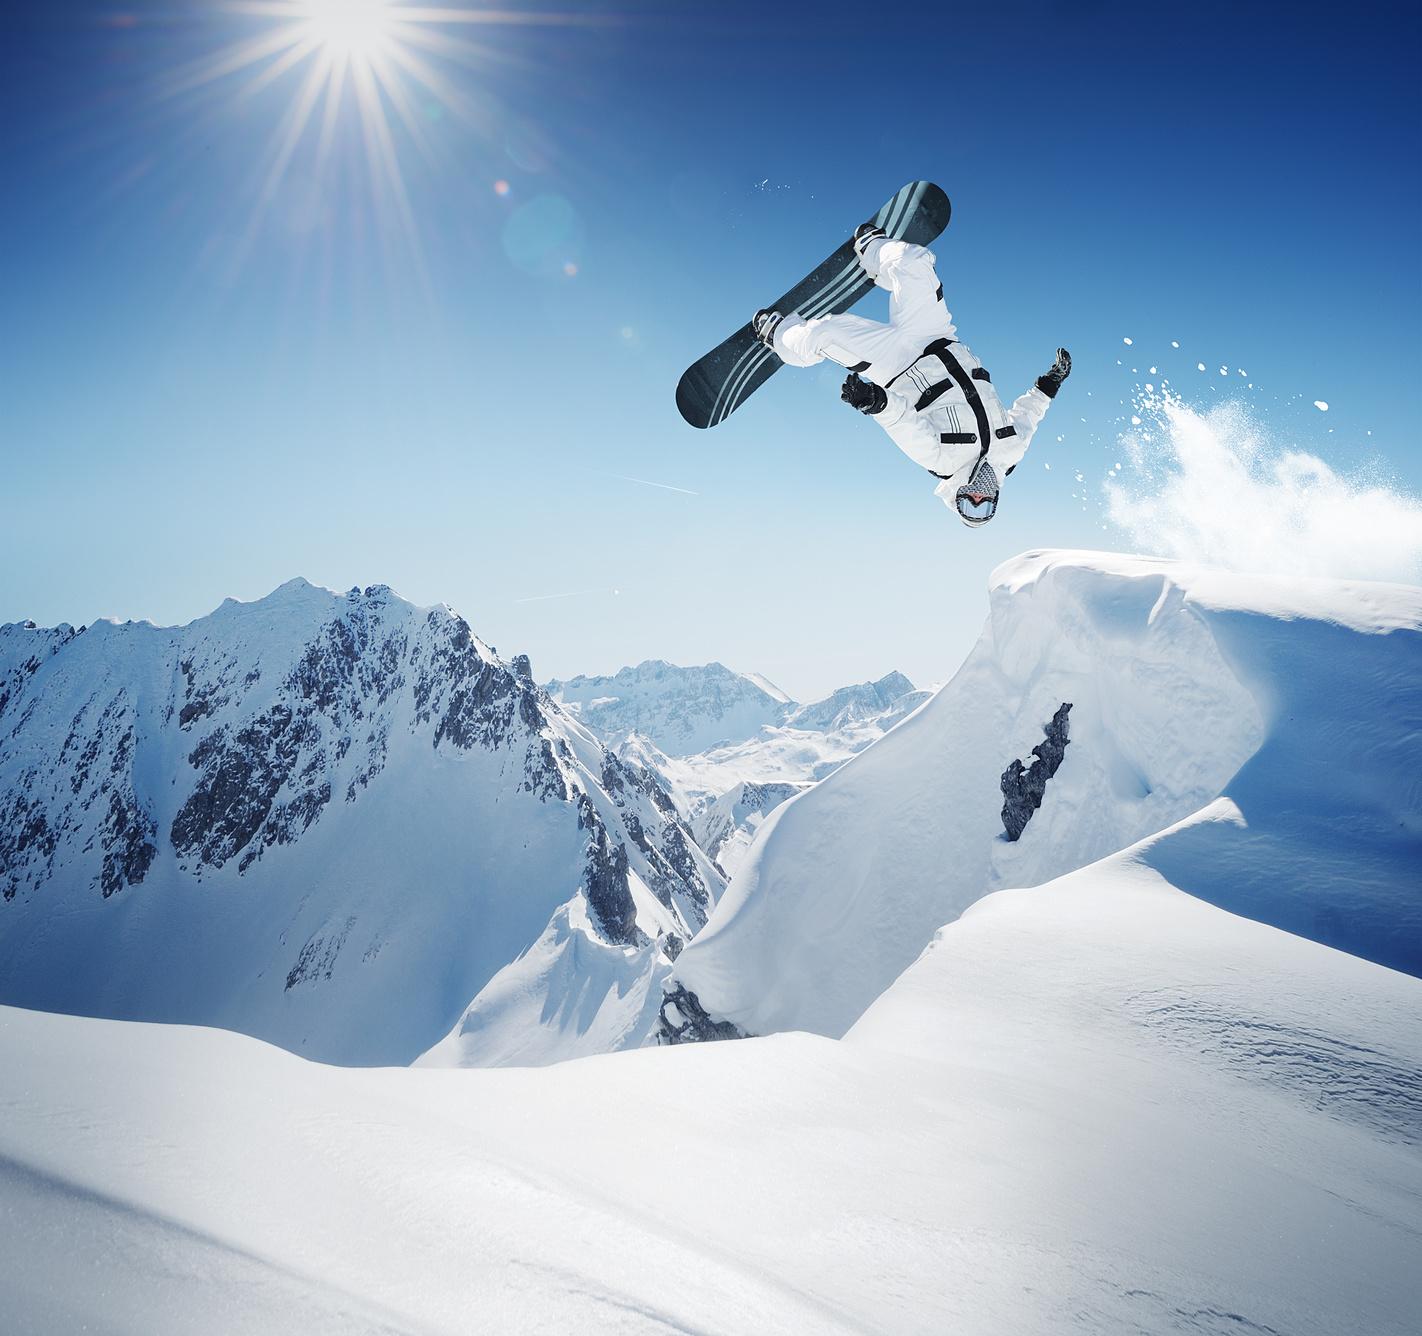 Ein Snowboarder beim Sprung, kopfüber in der Luft, vor traumhafter Bergkulisse.